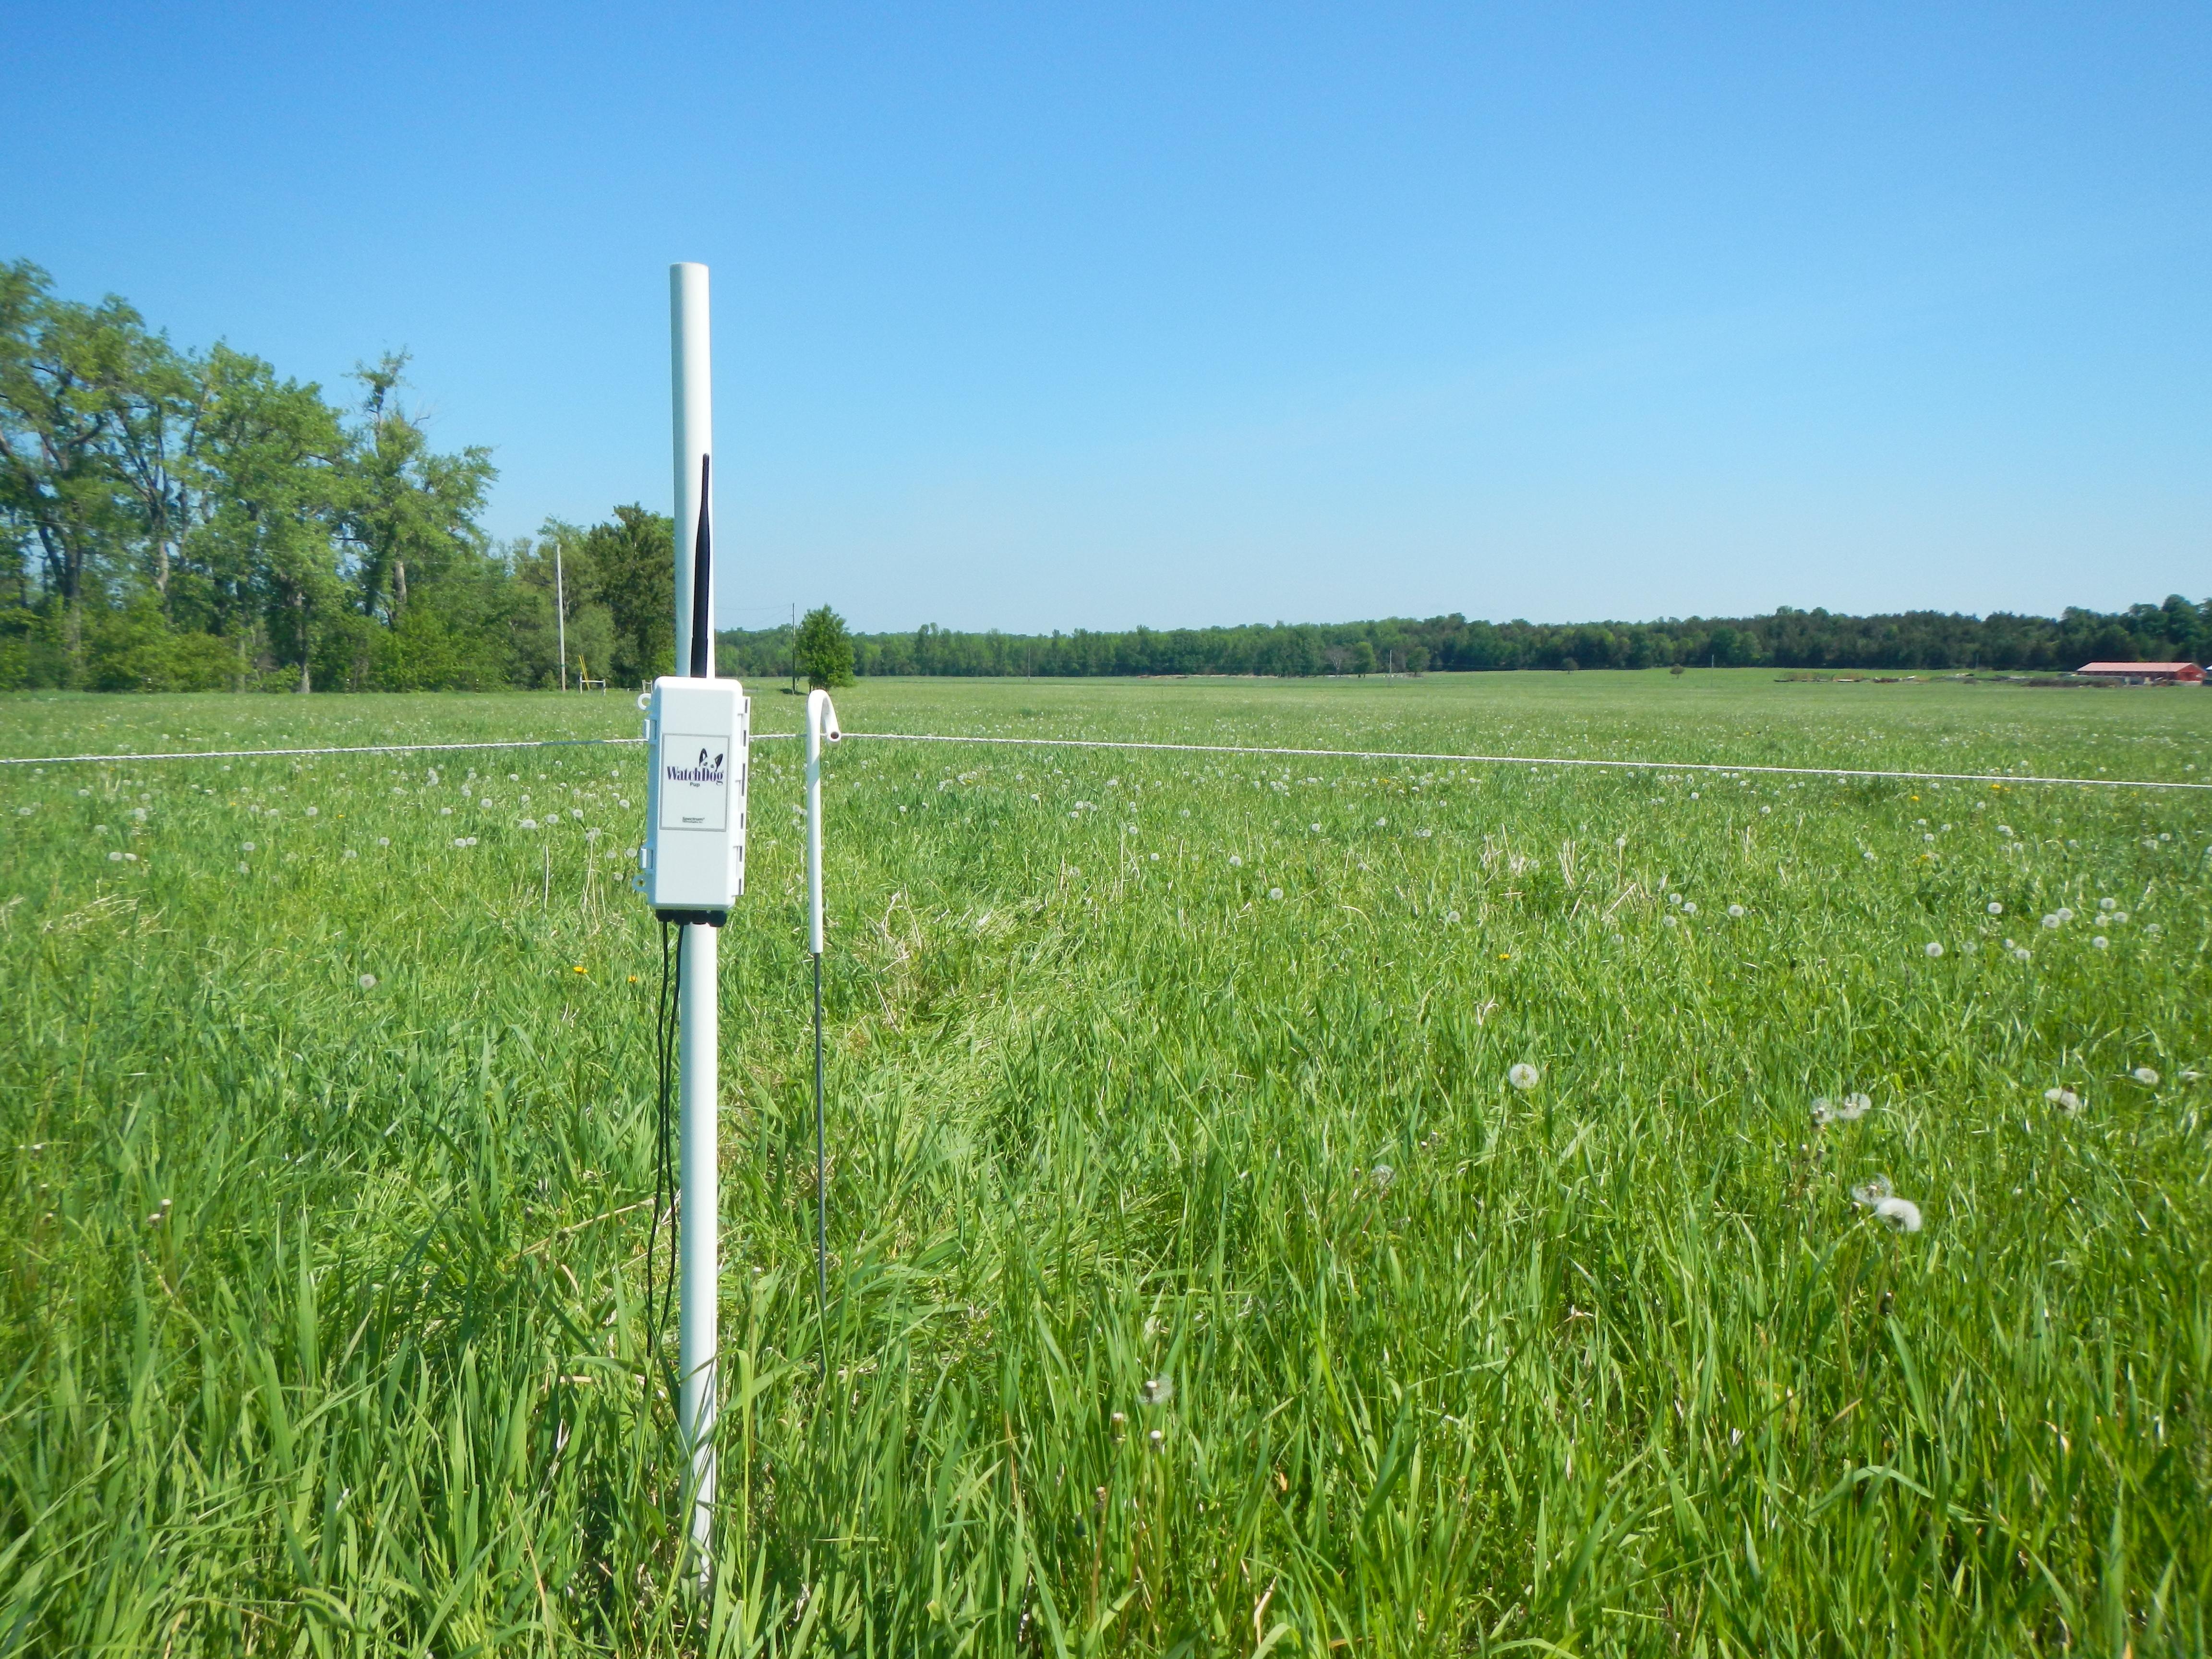 Soil moisture sensors can help manage grazing vt for Soil moisture